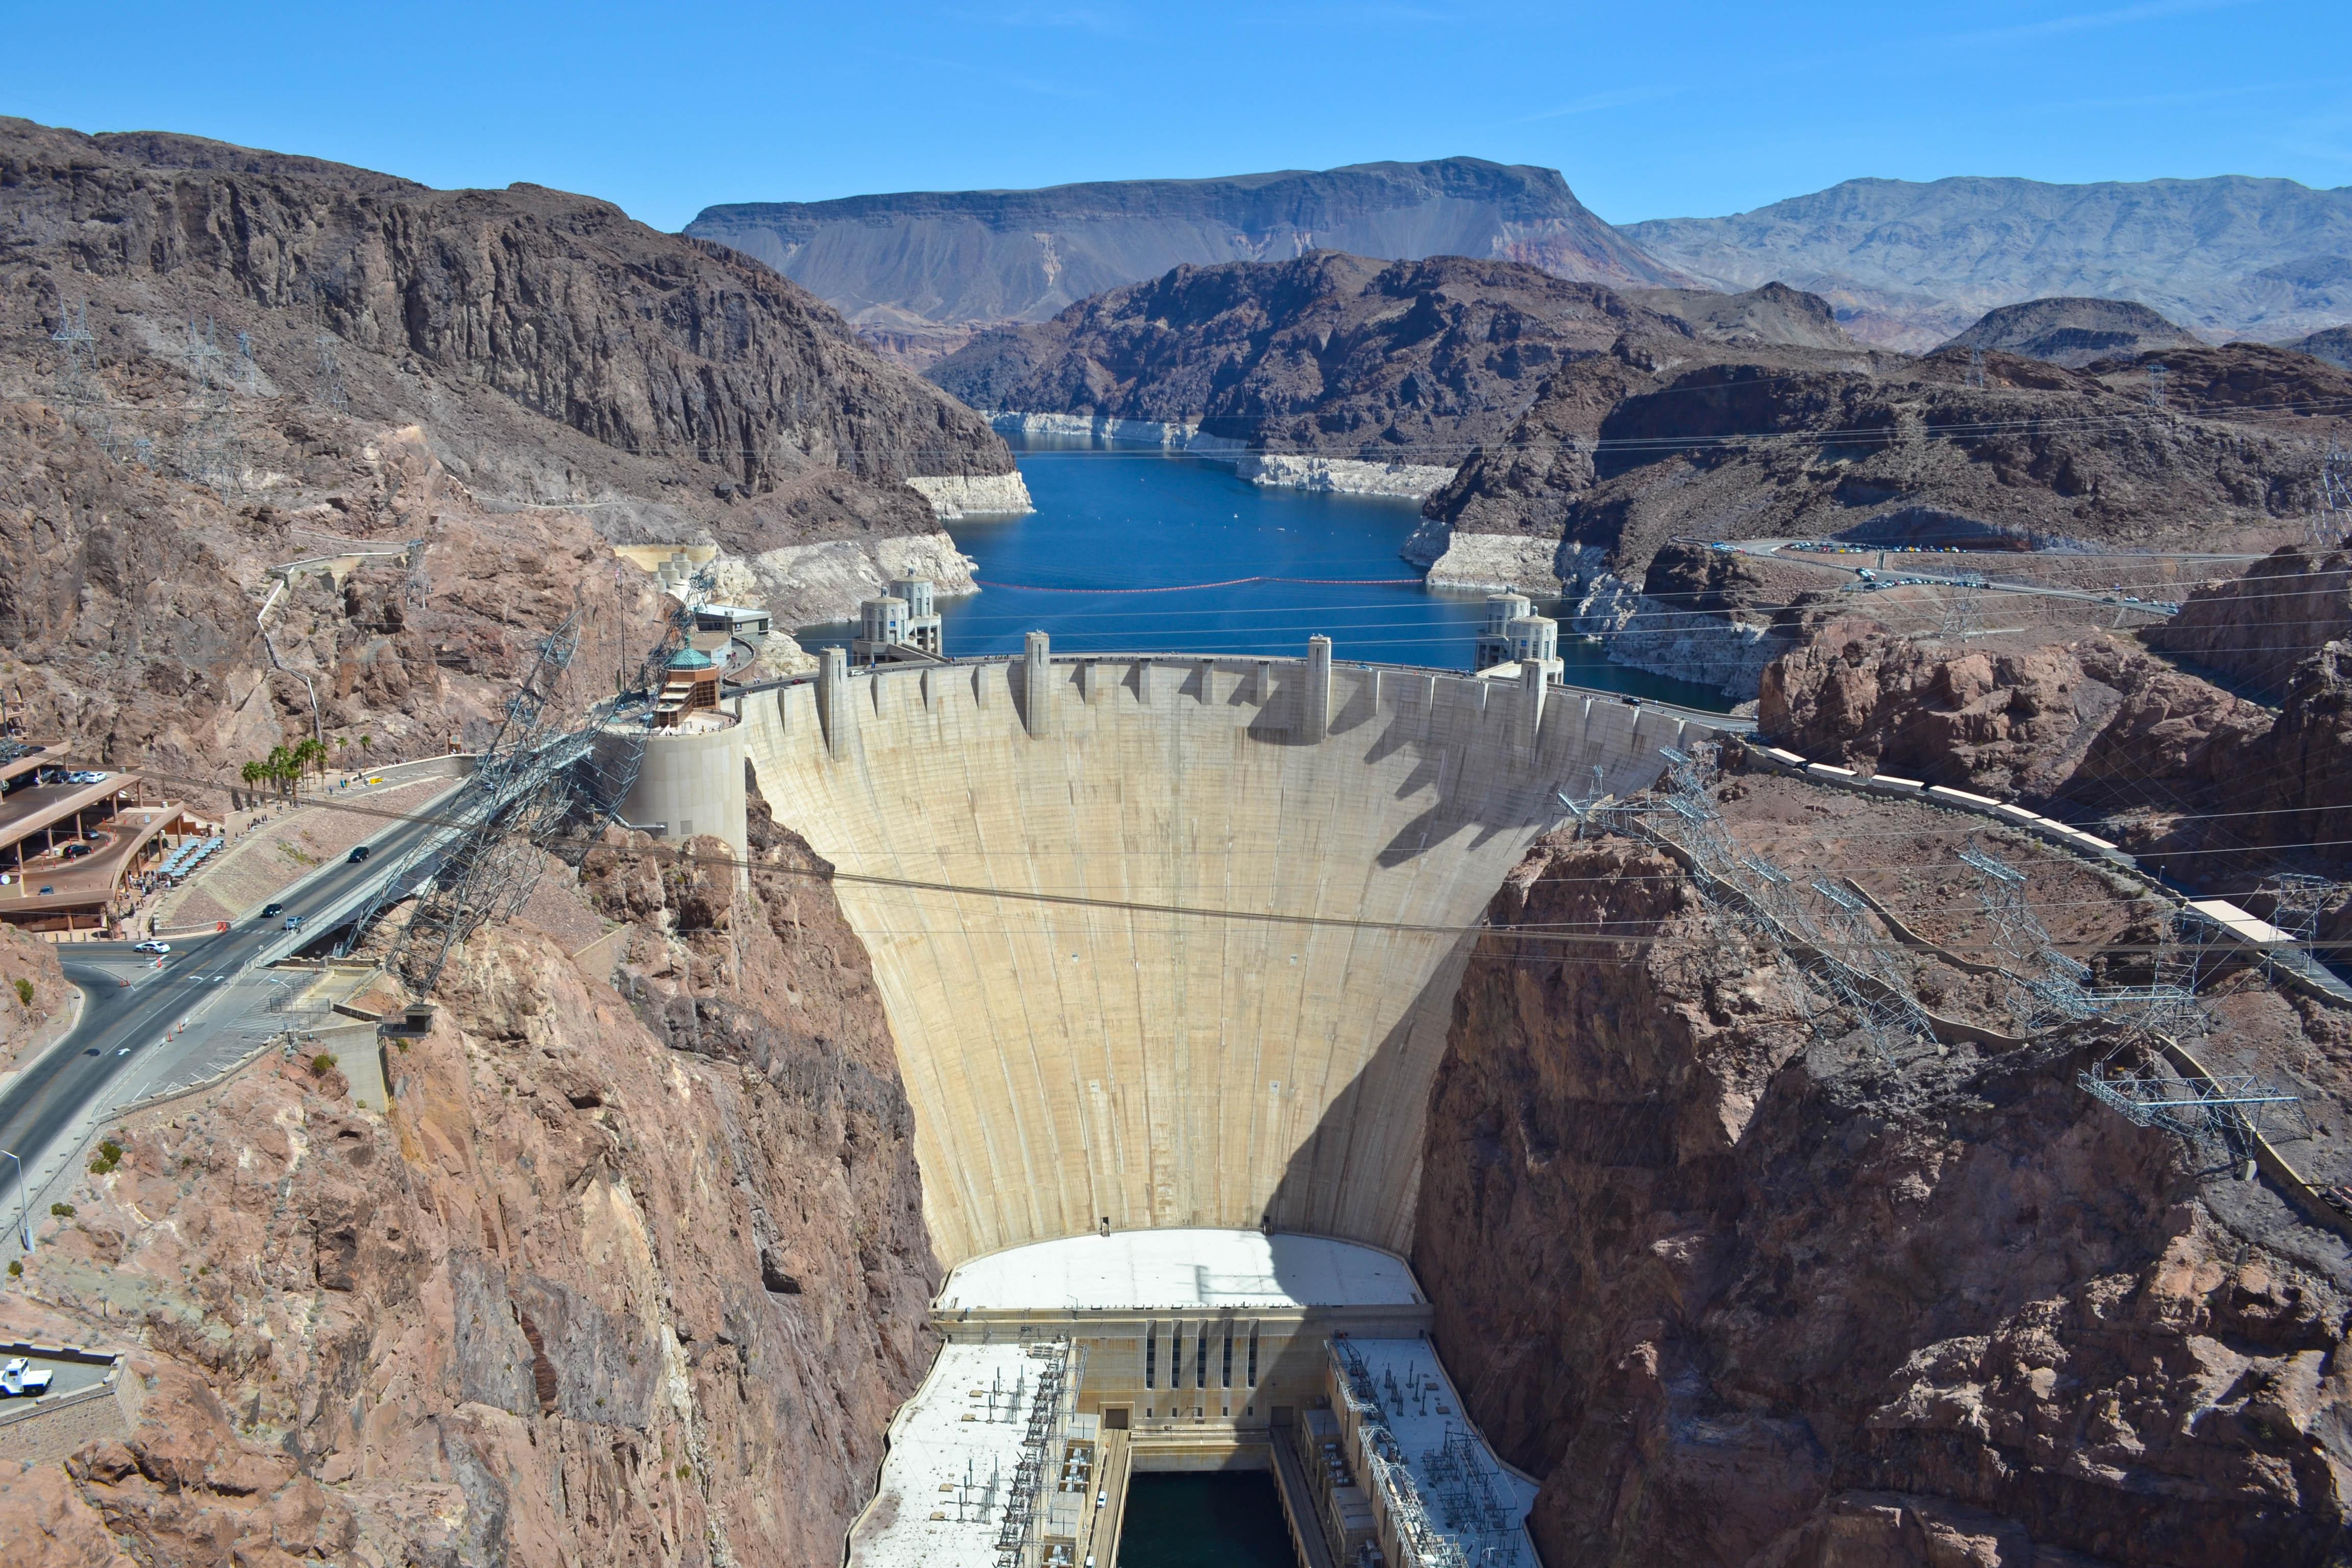 Închipuiți-vă ce înălțime are apa din spatele barajului în comparație cu mașinile care circulă pe șoseaua din stânga